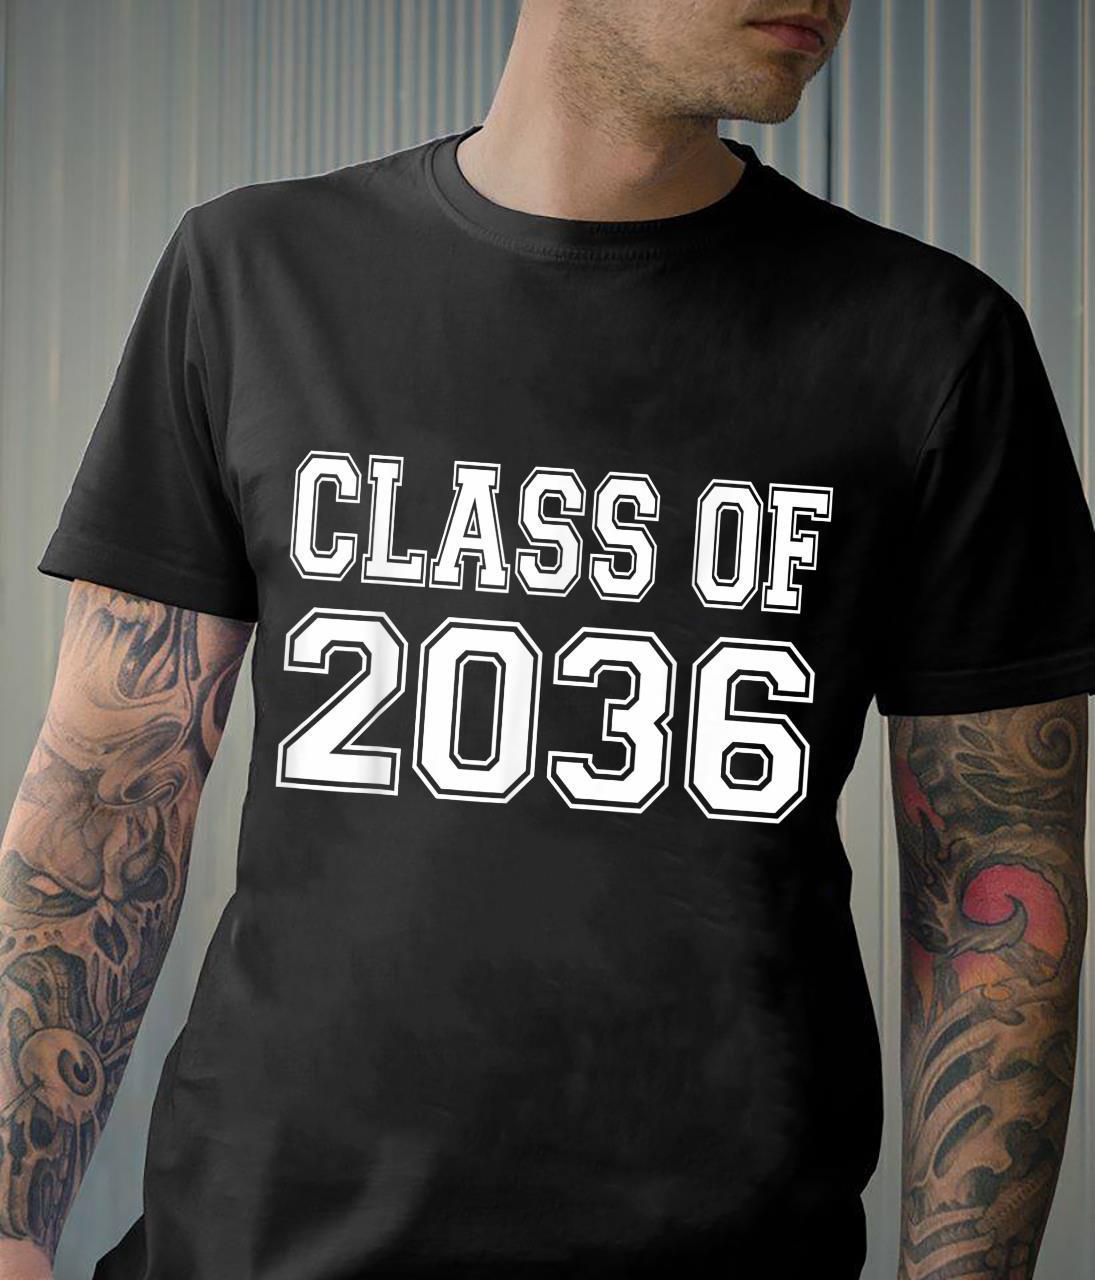 Class of 2036 grow with me Shirt